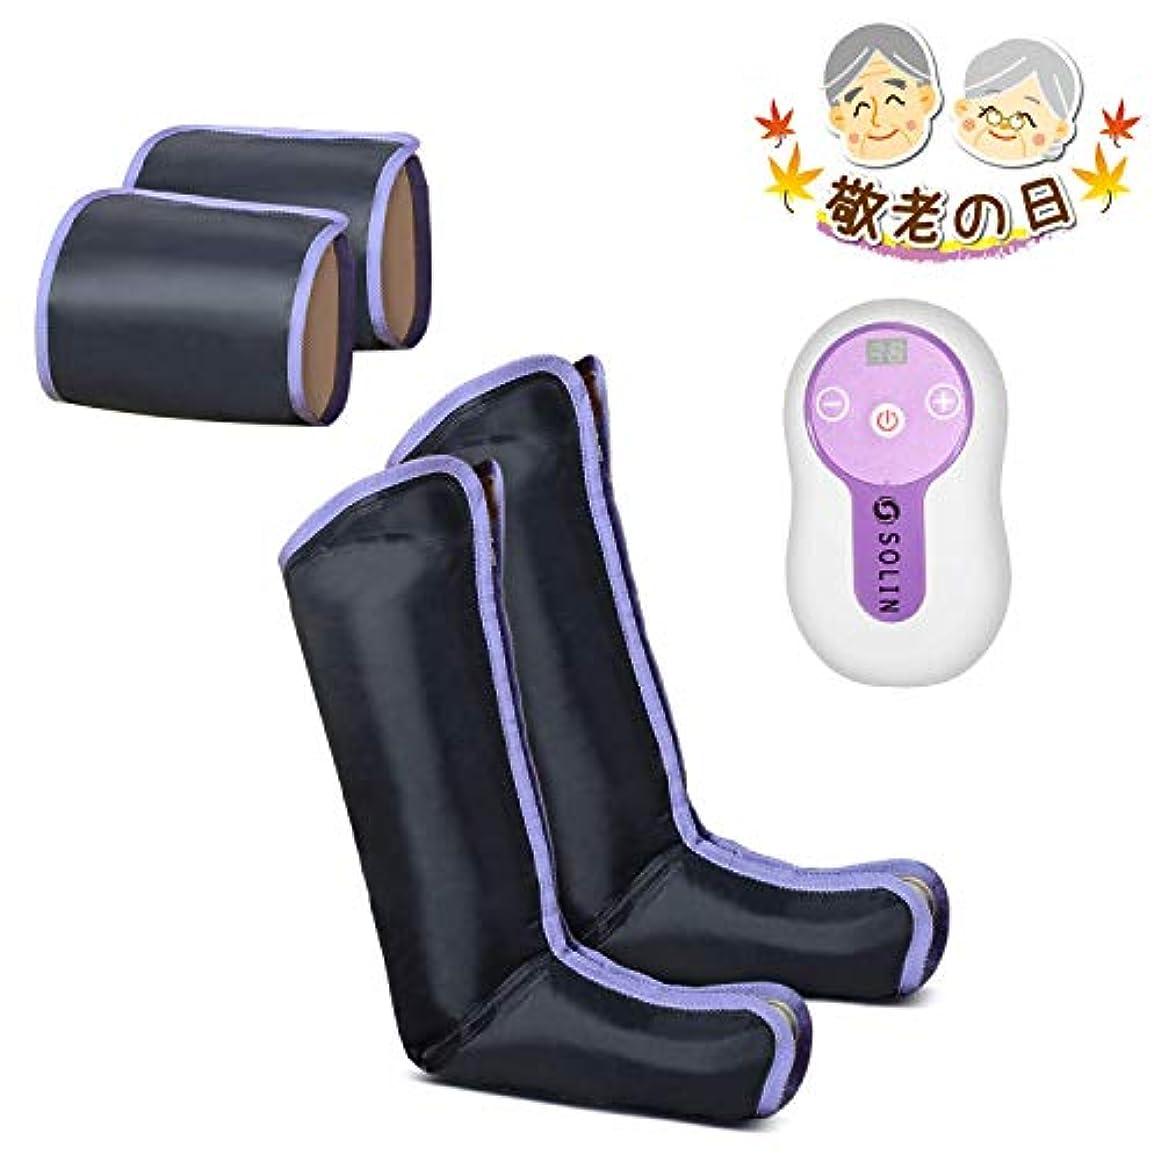 結び目書き出す処方フットマッサージャー 母の日 エアーマッサージャー ひざ/太もも巻き対応 家庭用 空気圧縮 フットケア